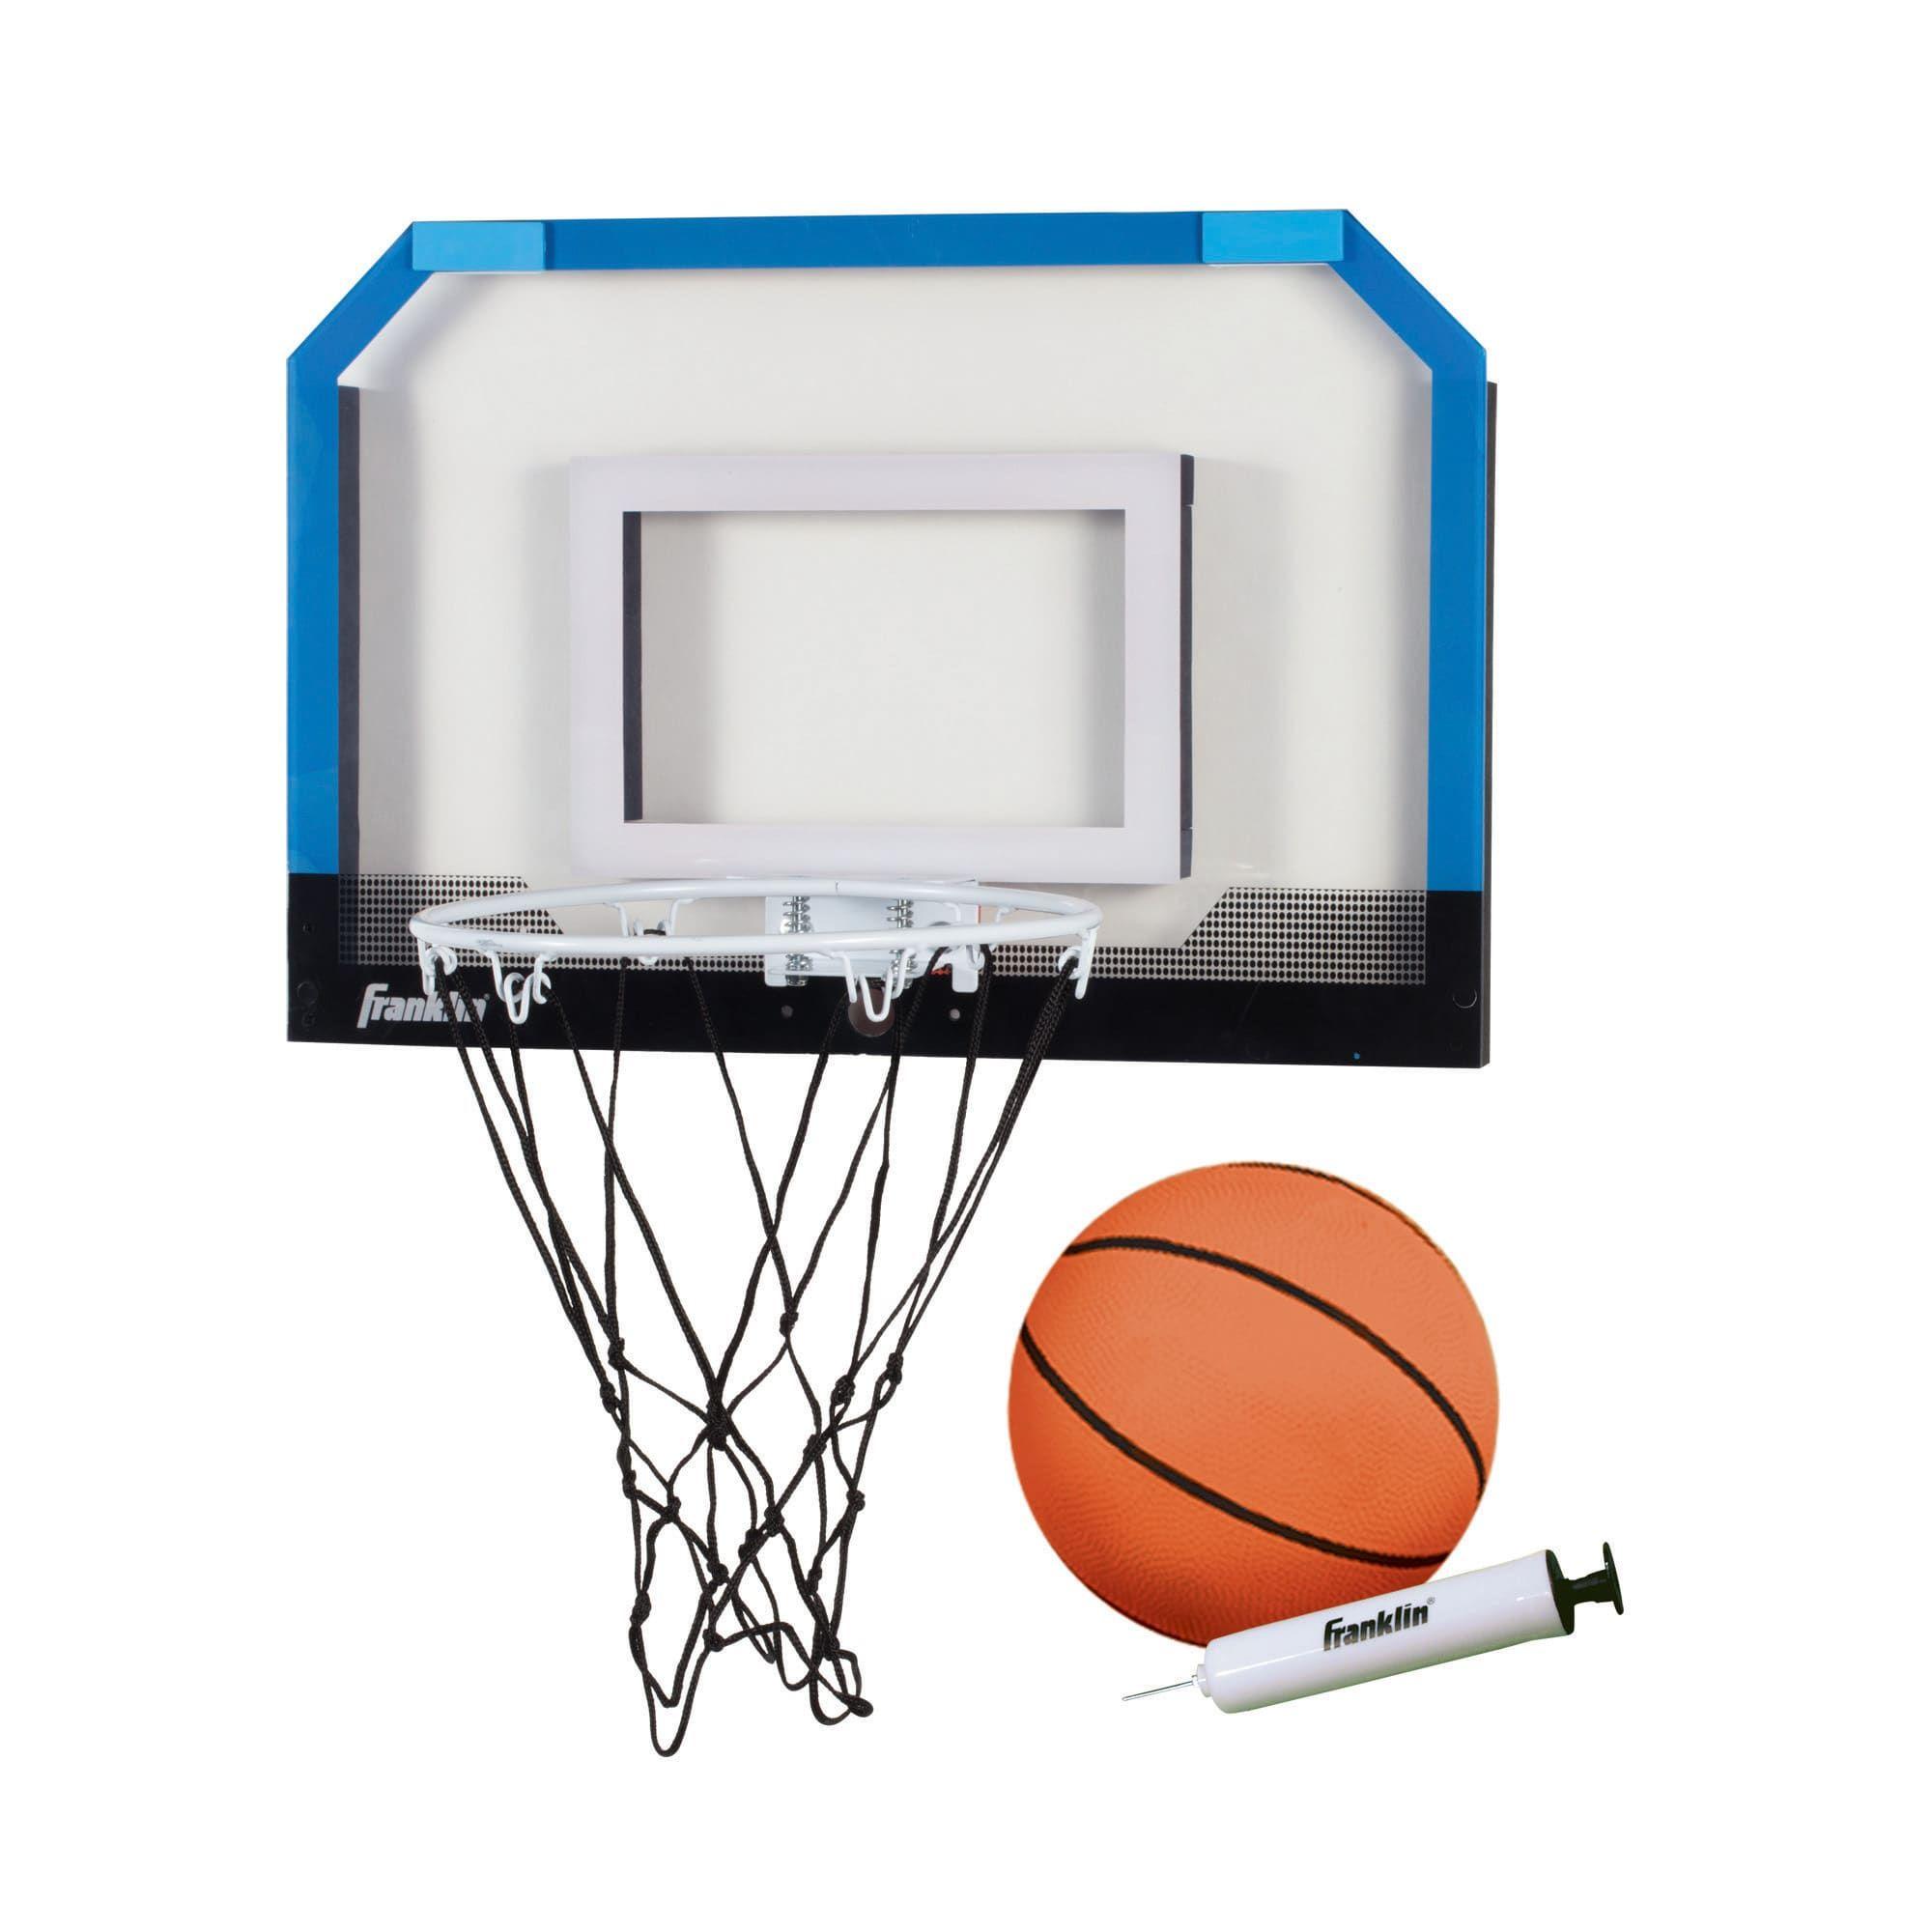 Franklin Sports Over The Door Indoor Basketball Hoop Kids Mini Hoop For Bedroom Steel Rim Mini Hoop Includes Ball And Pump Blue Walmart Com Mini Basketballs Basketball Indoor Basketball Hoop